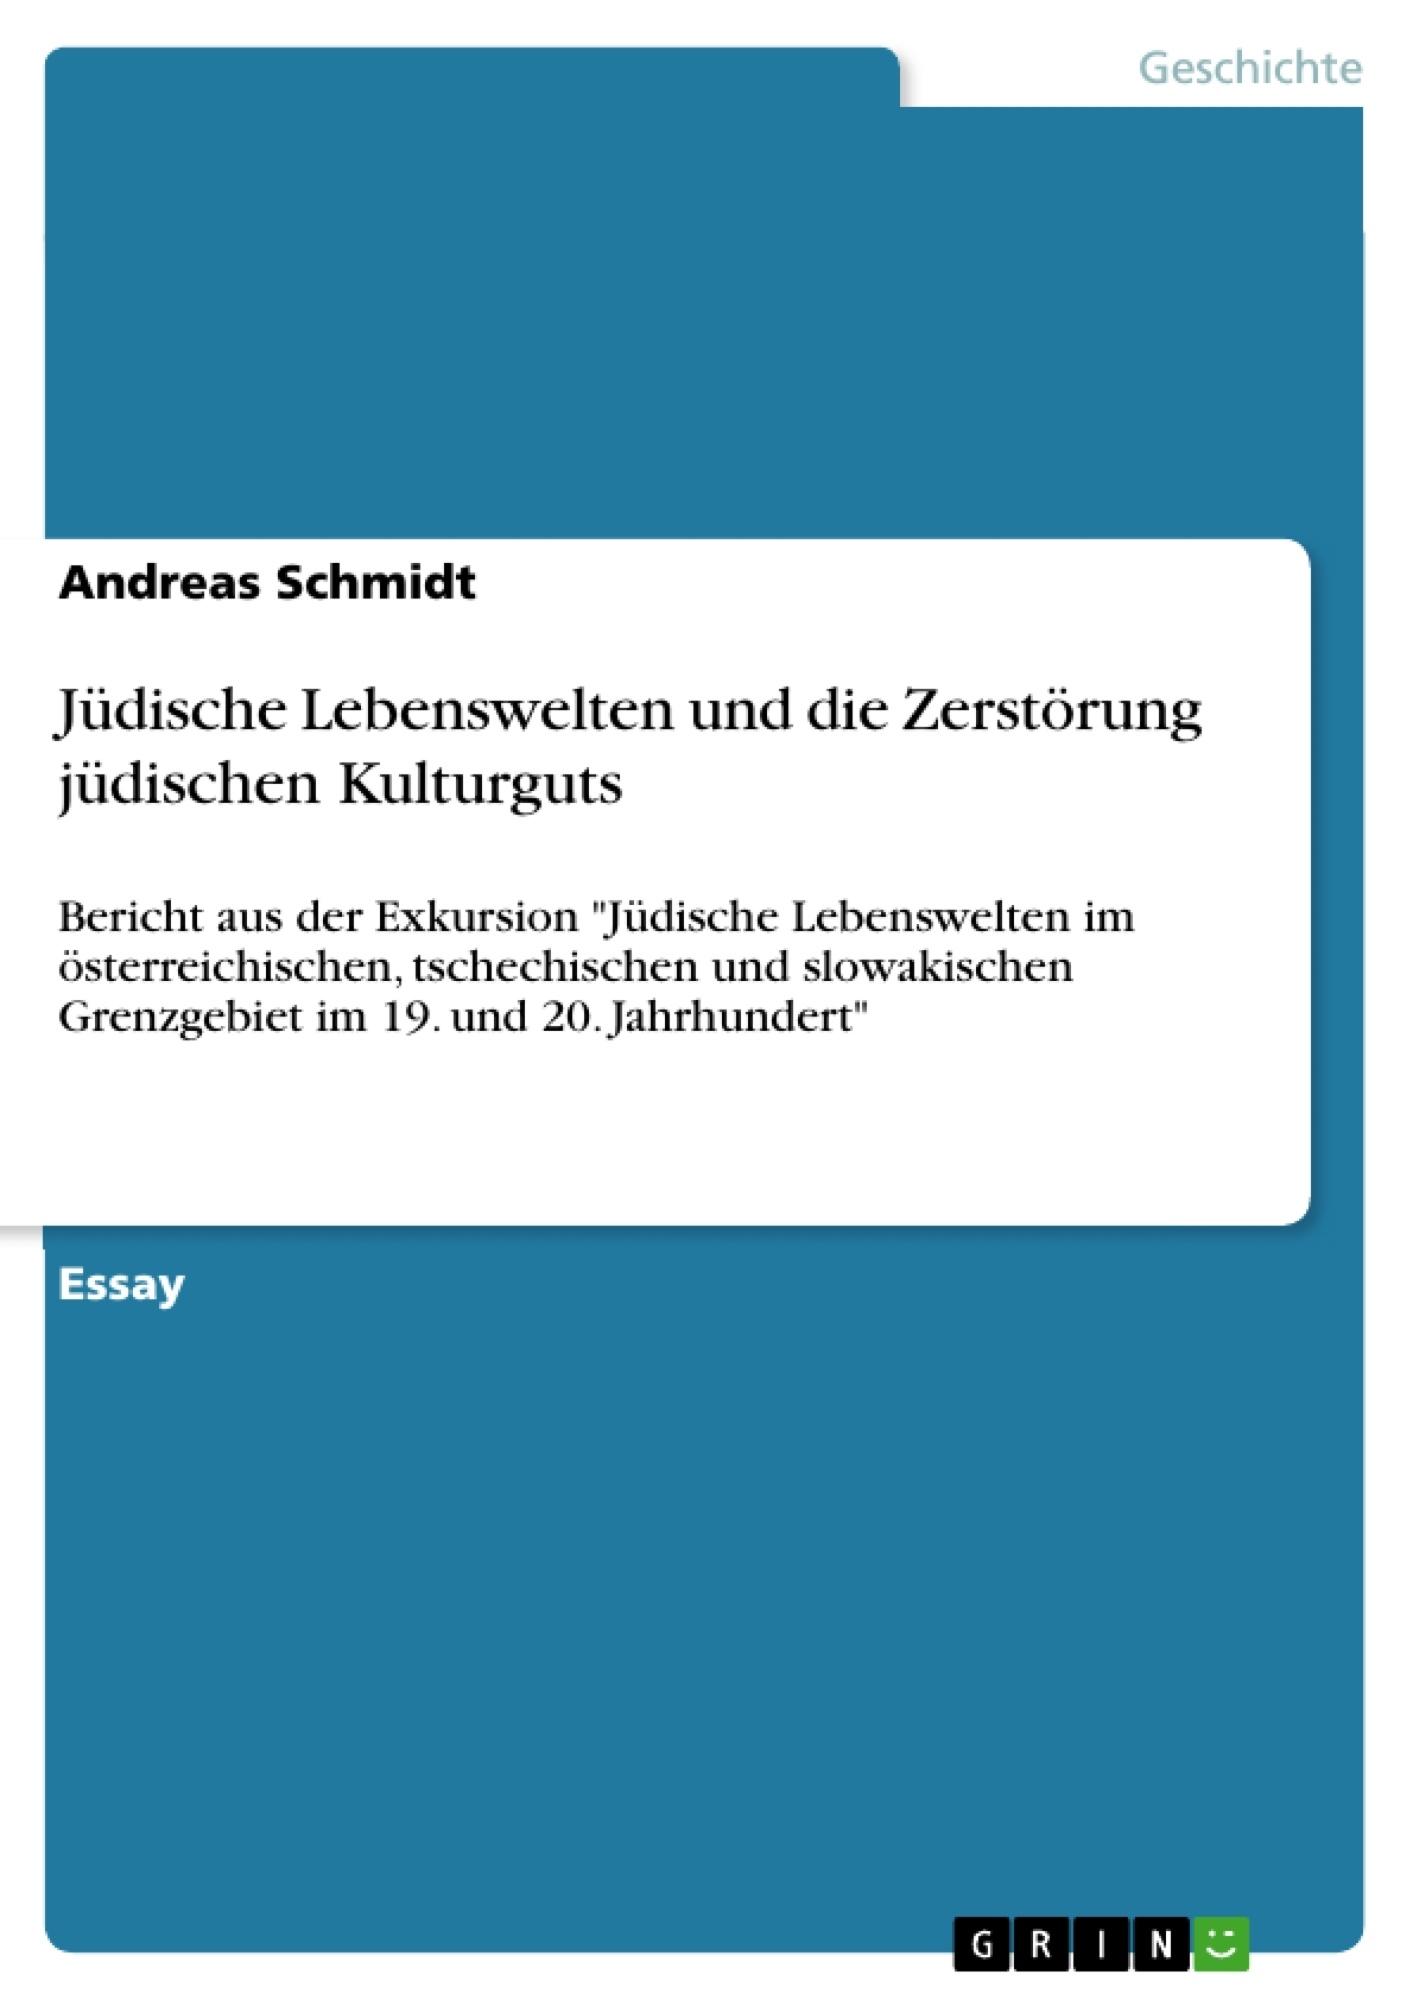 Titel: Jüdische Lebenswelten und die Zerstörung jüdischen Kulturguts